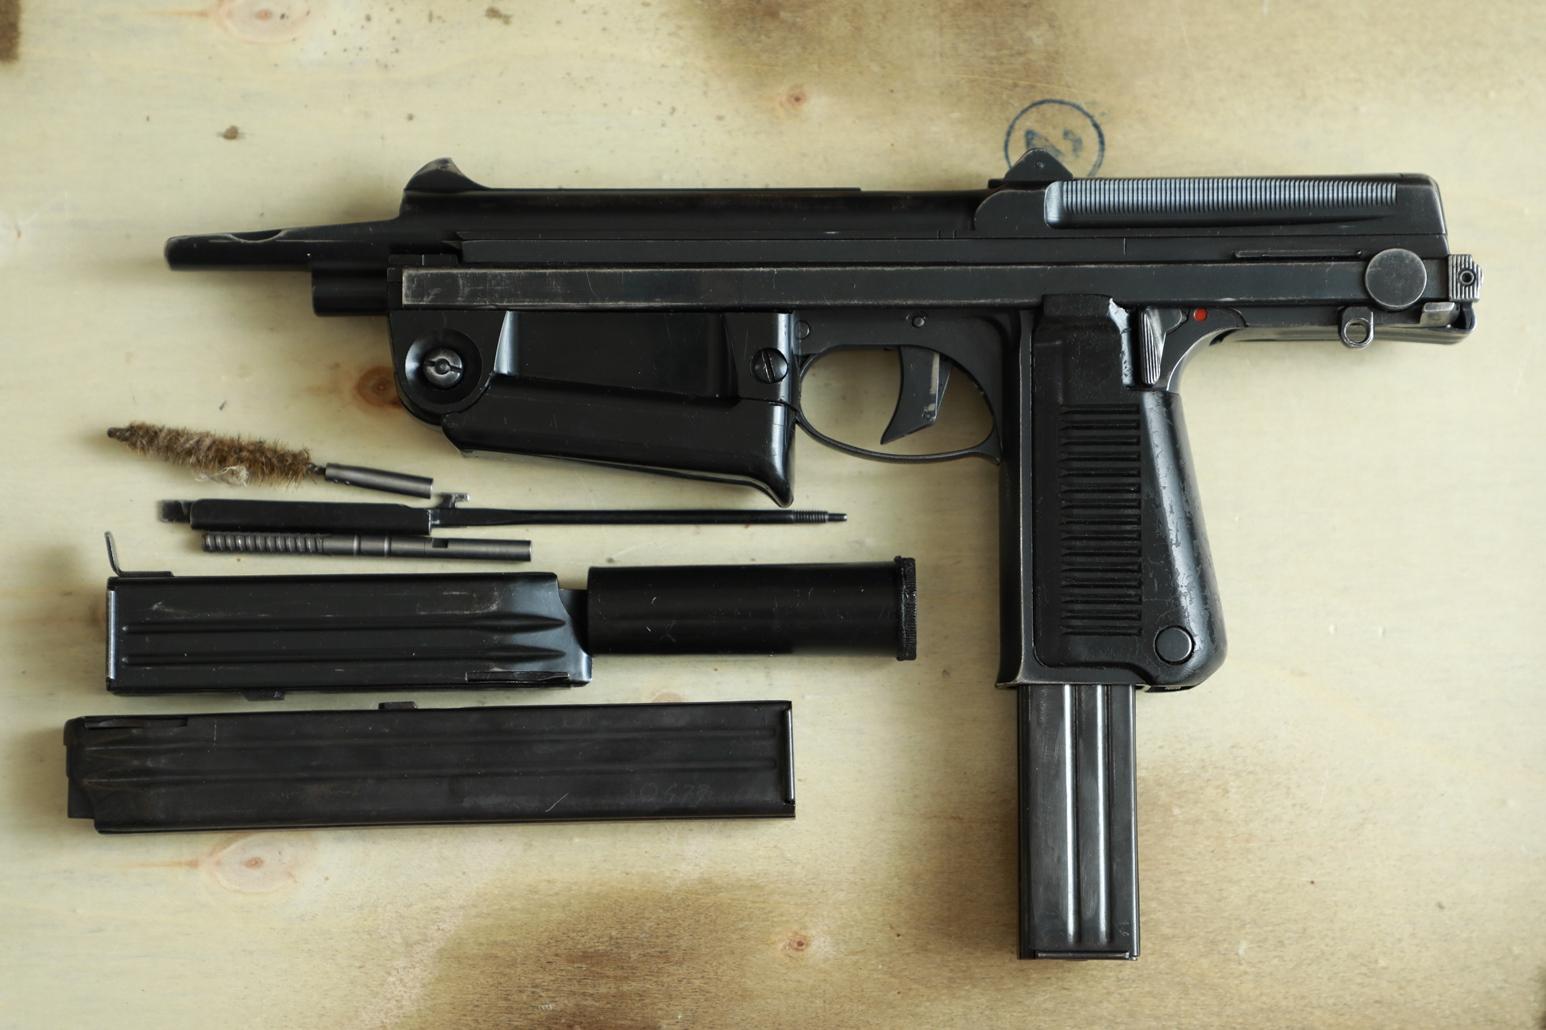 Охолощенный пистолет-пулемет RAK-63 #MO 08257 1970 год, 2 категория